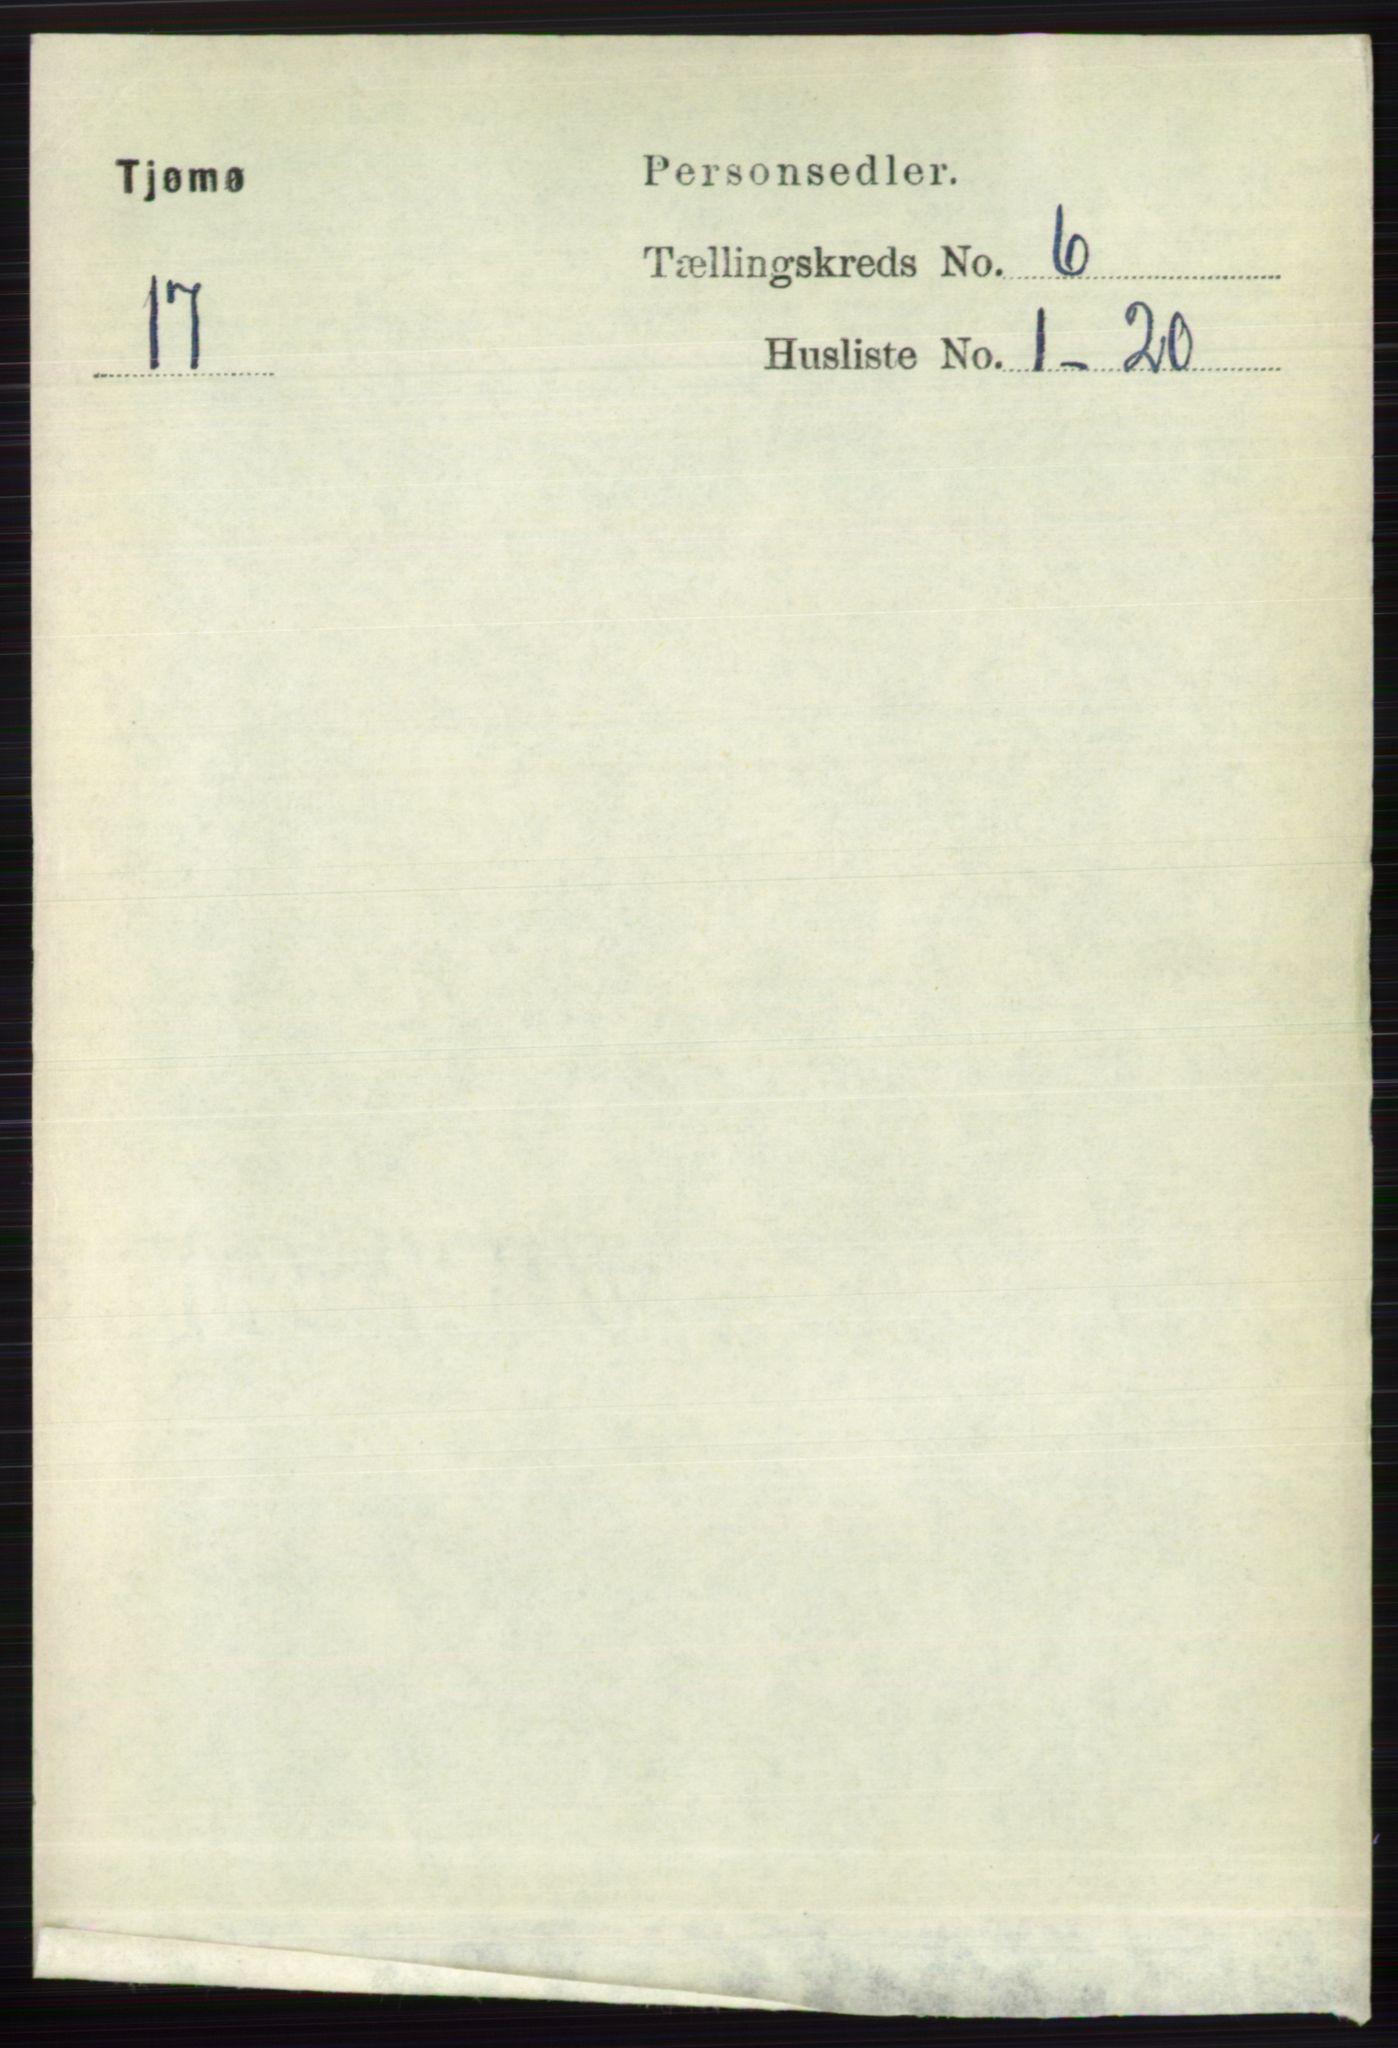 RA, Folketelling 1891 for 0723 Tjøme herred, 1891, s. 2109